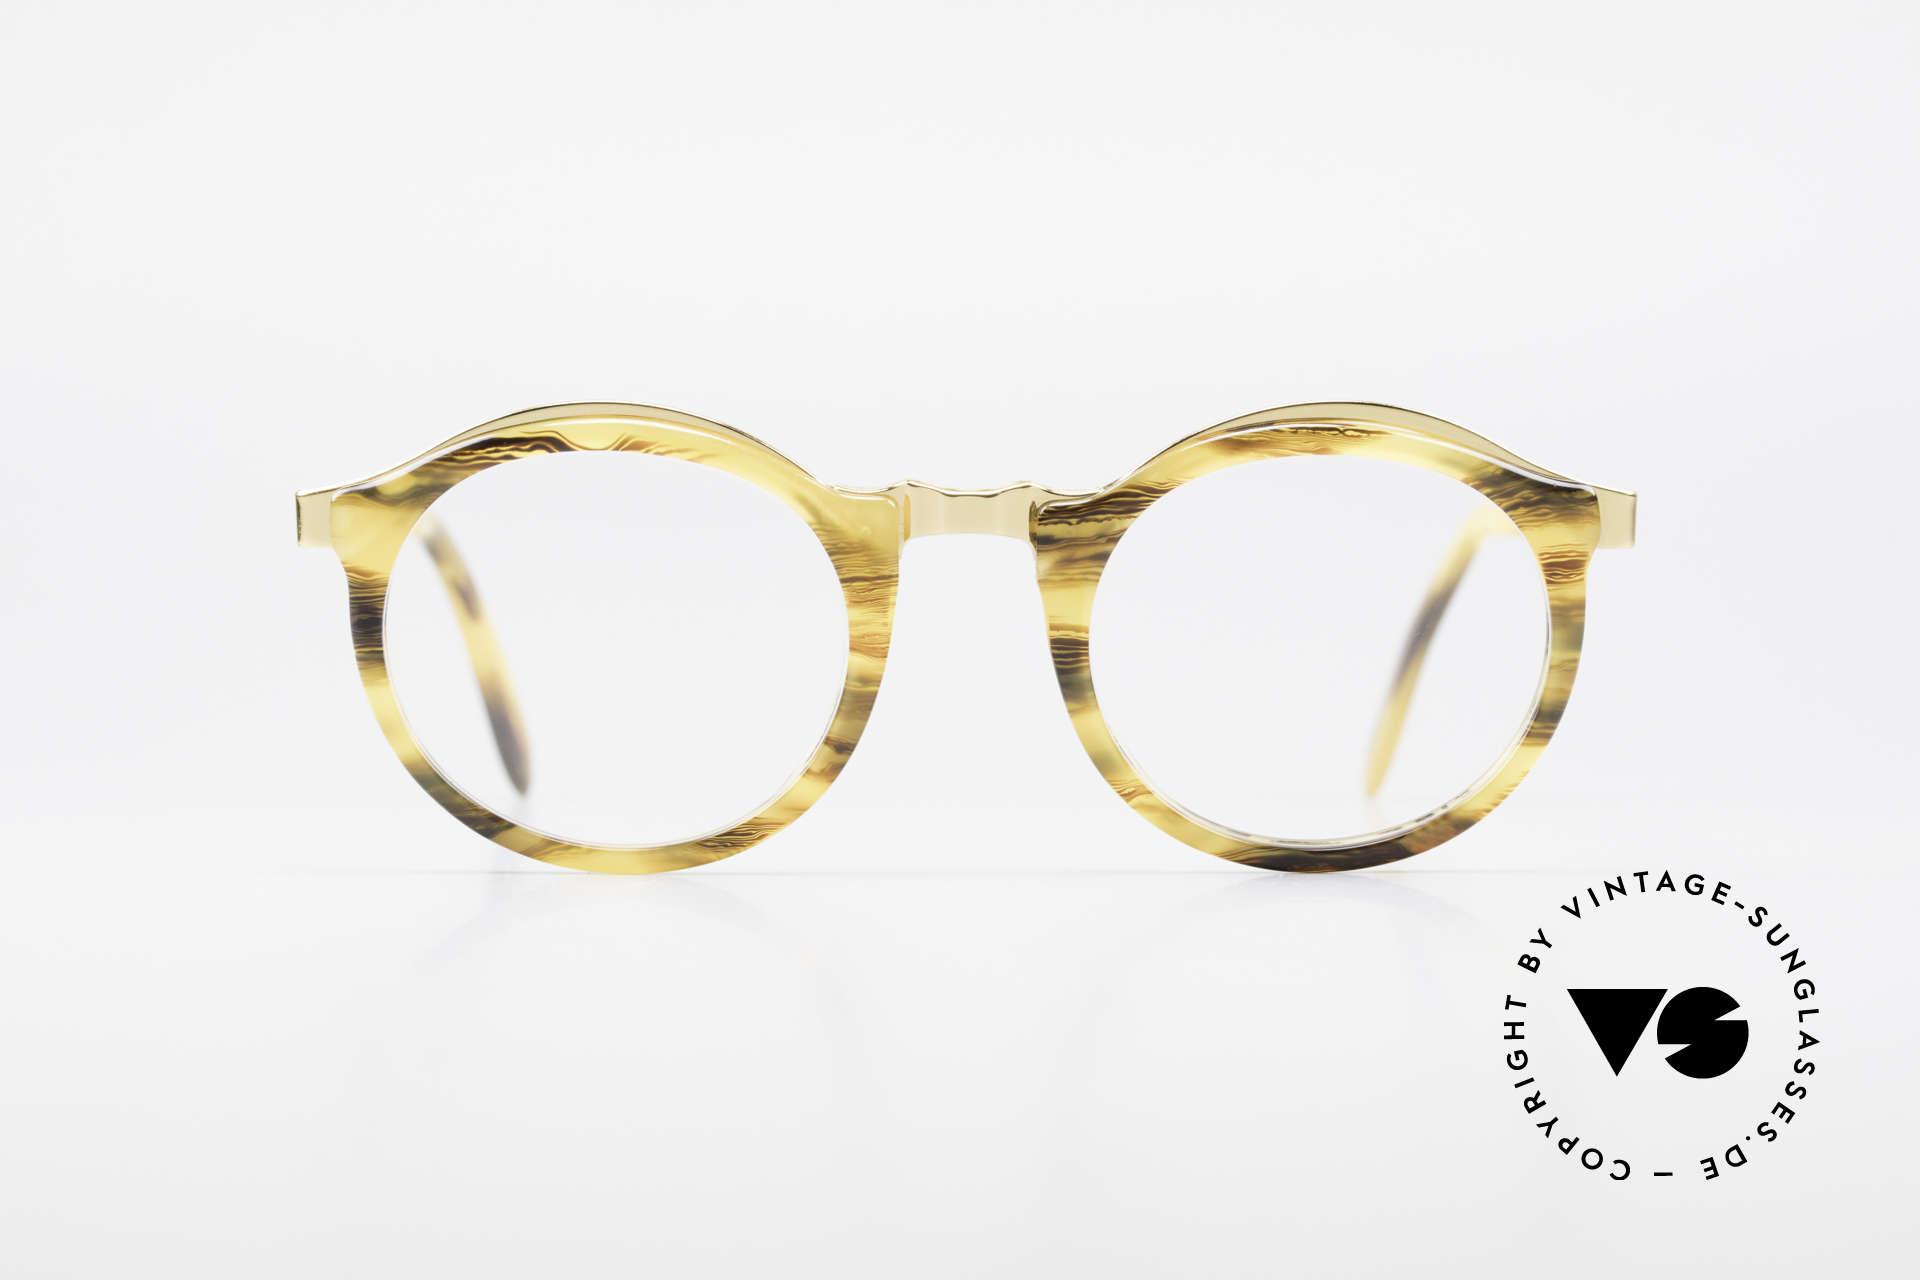 Persol Ivy Gold Plated Panto Brille Small, edles Panto-Design mit grandiosem Rahmenmuster, Passend für Herren und Damen